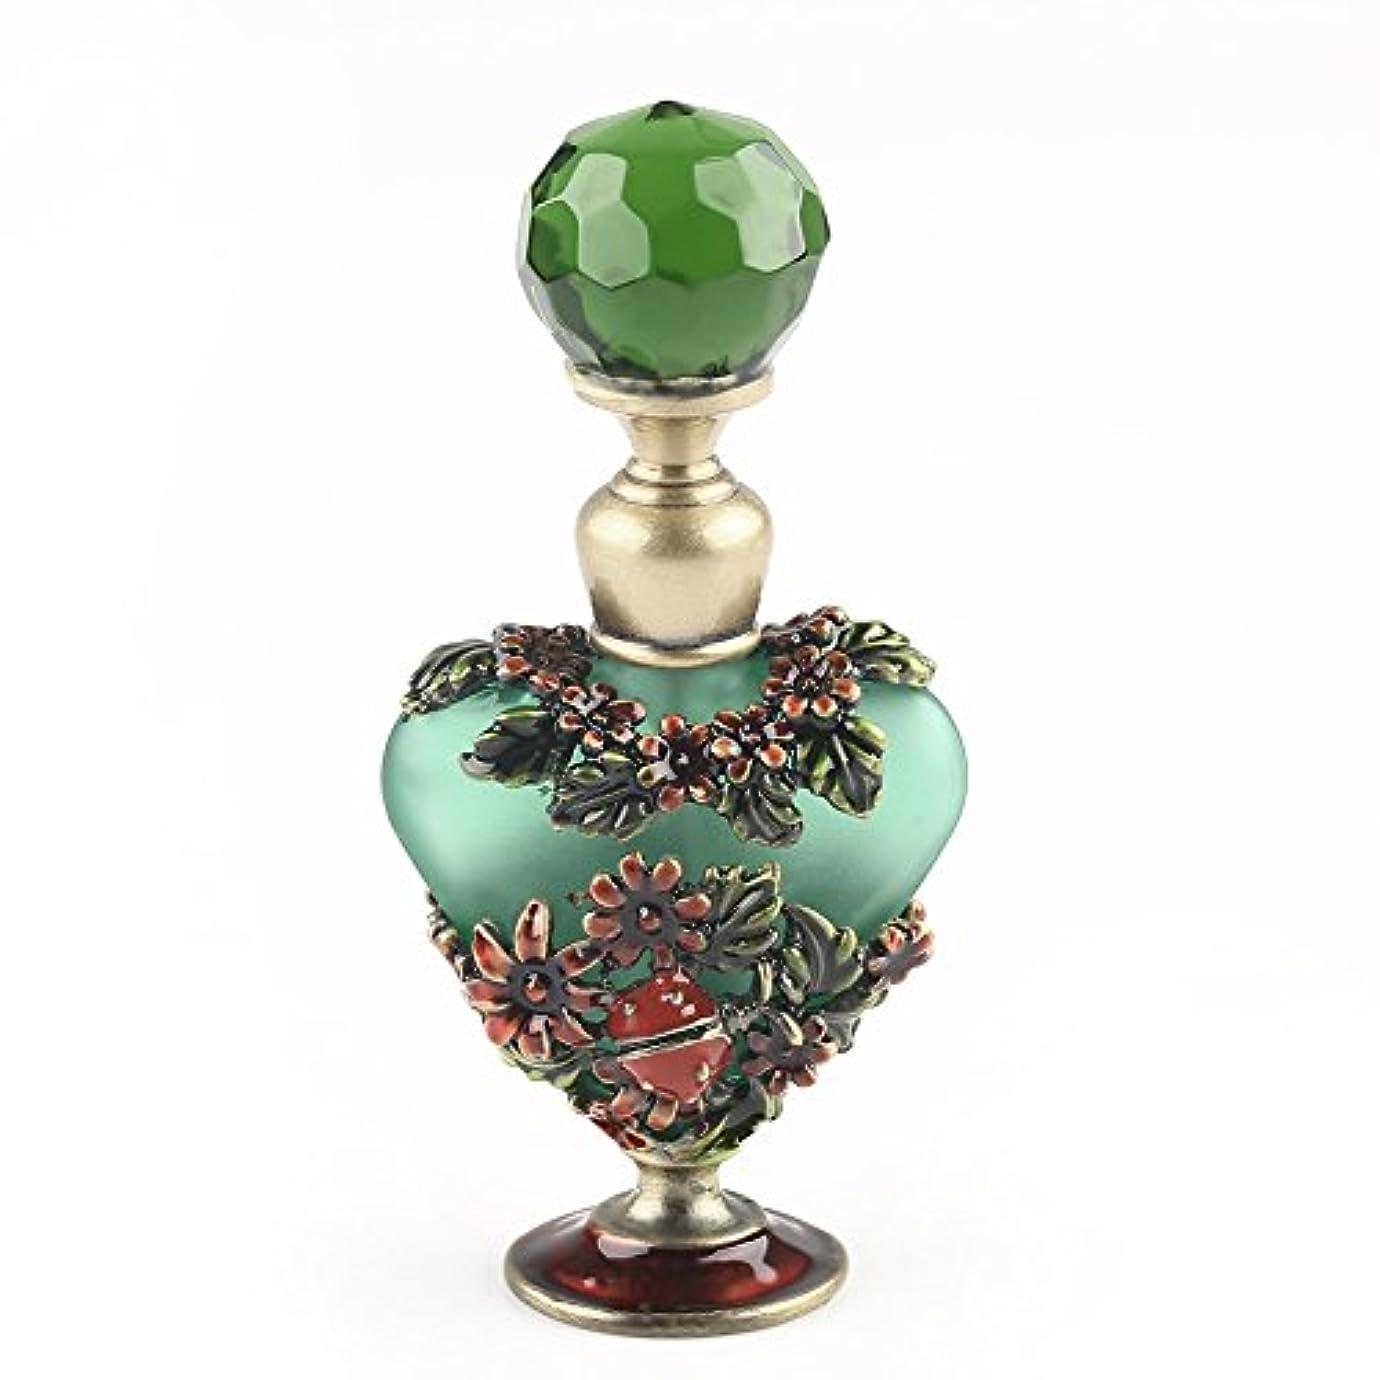 束金銭的なかるVERY100 高品質 美しい香水瓶/アロマボトル 5ML アロマオイル用瓶 綺麗アンティーク調 フラワーデザイン プレゼント 結婚式 飾り 70292